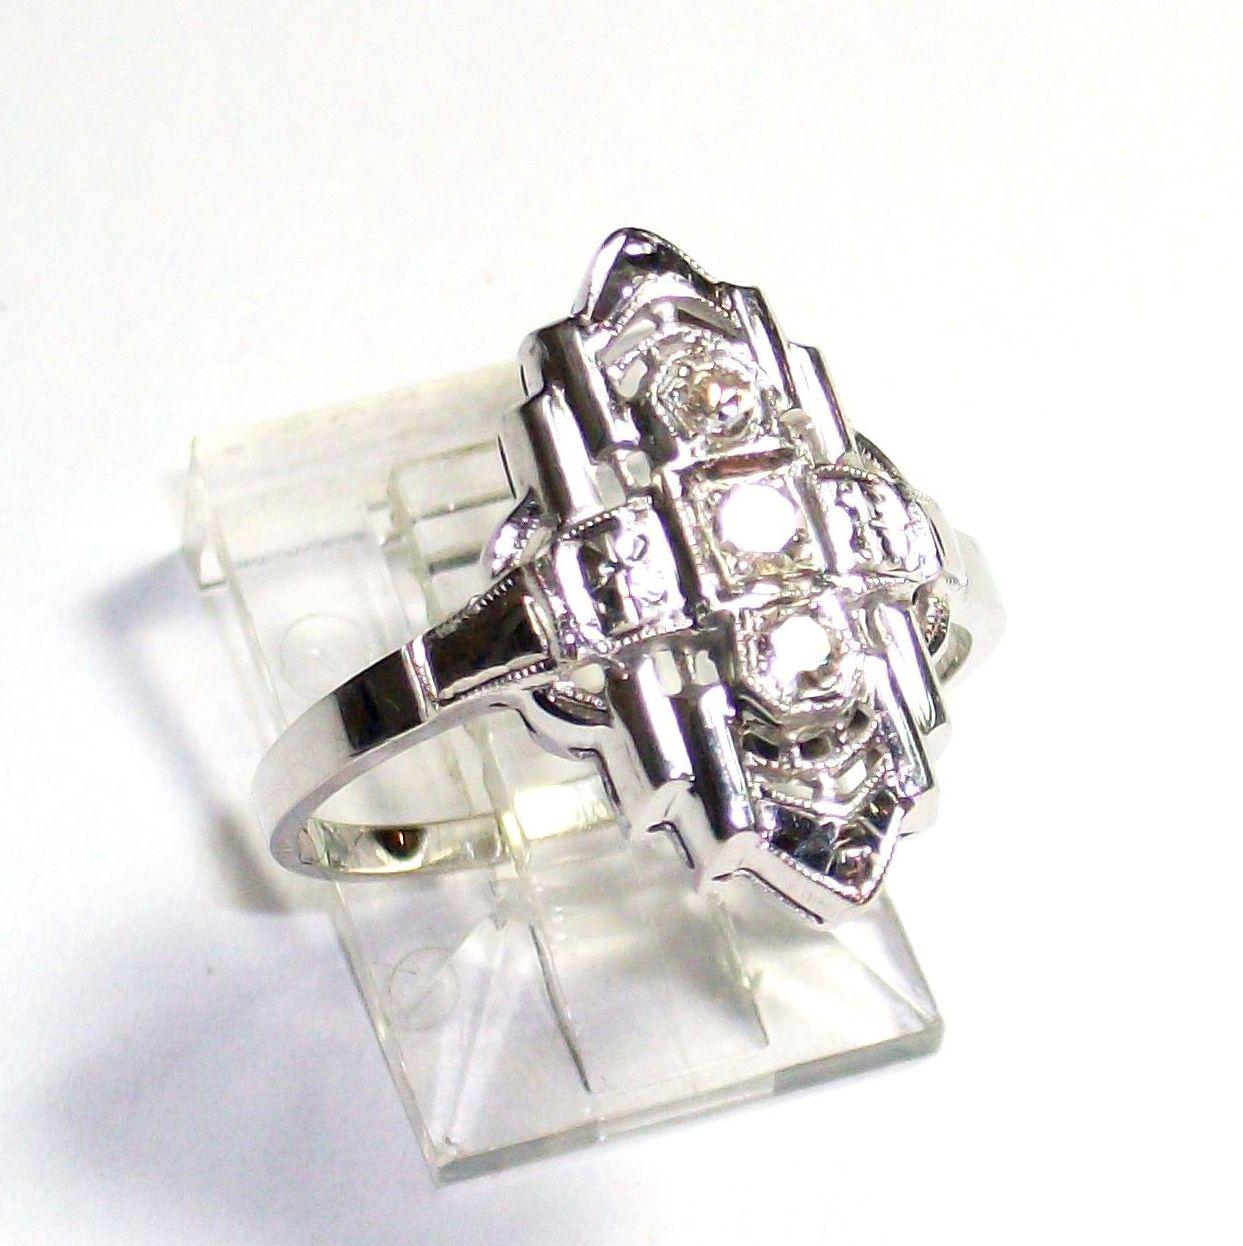 Sortija Art Decó realizada en oro blanco de 14k y diamantes talla antigua. Circa 1920.